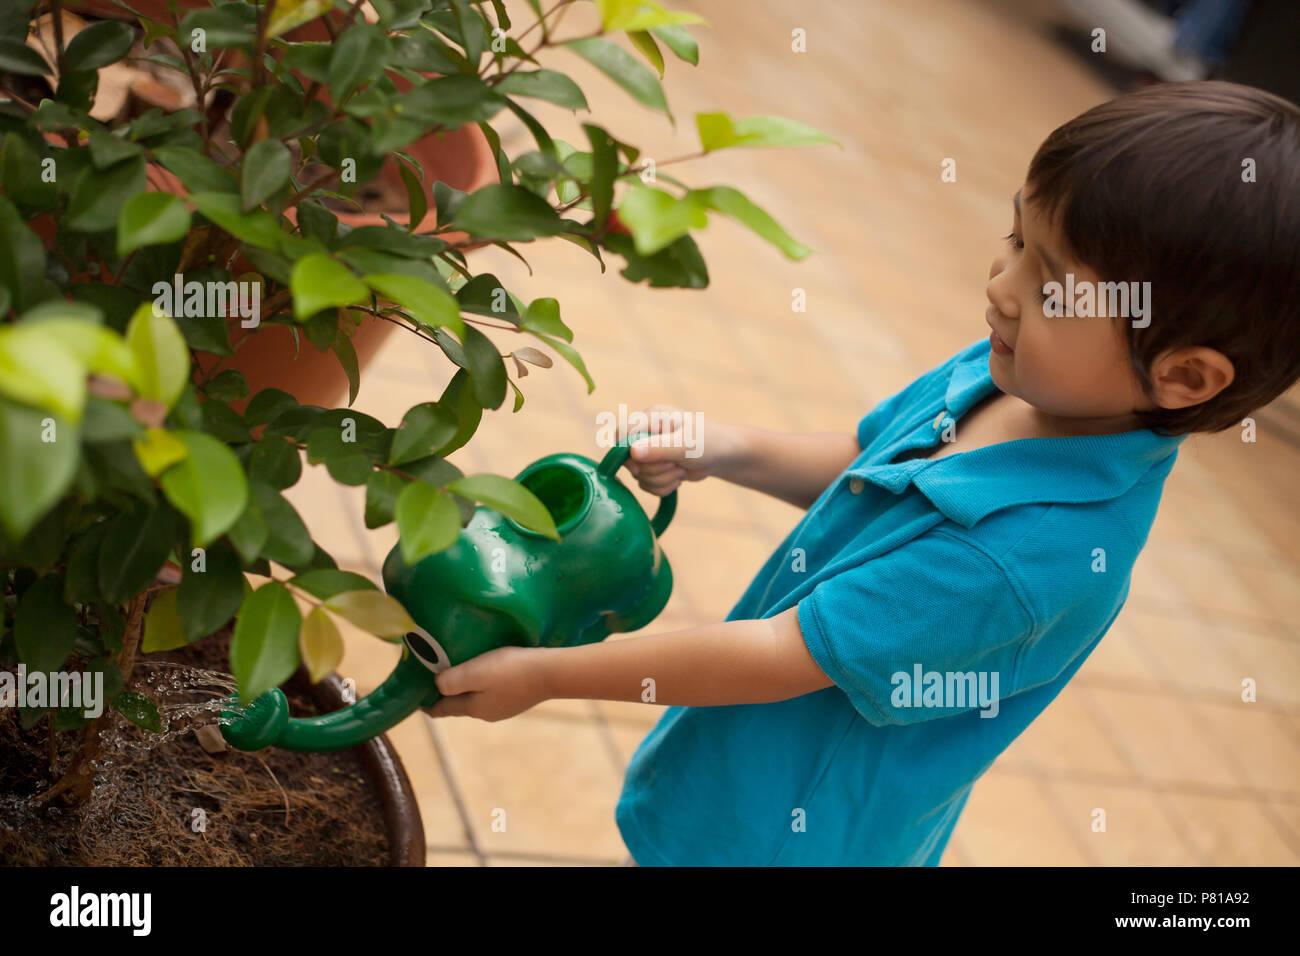 Preschool aged boy watering plants outside - Stock Image